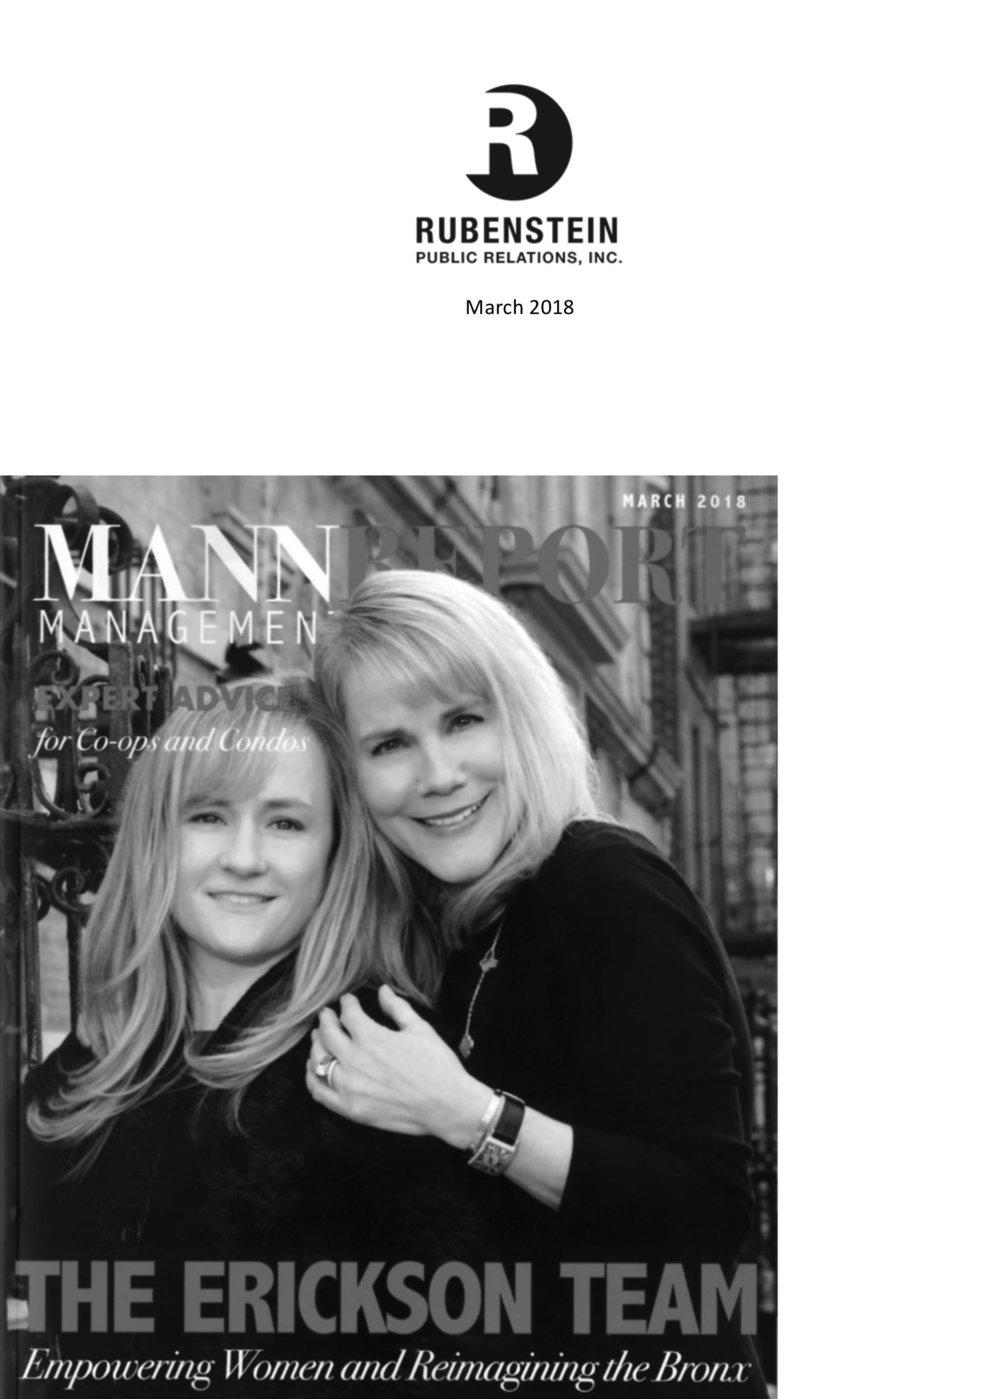 Mann Report Management March 2018-1.jpg